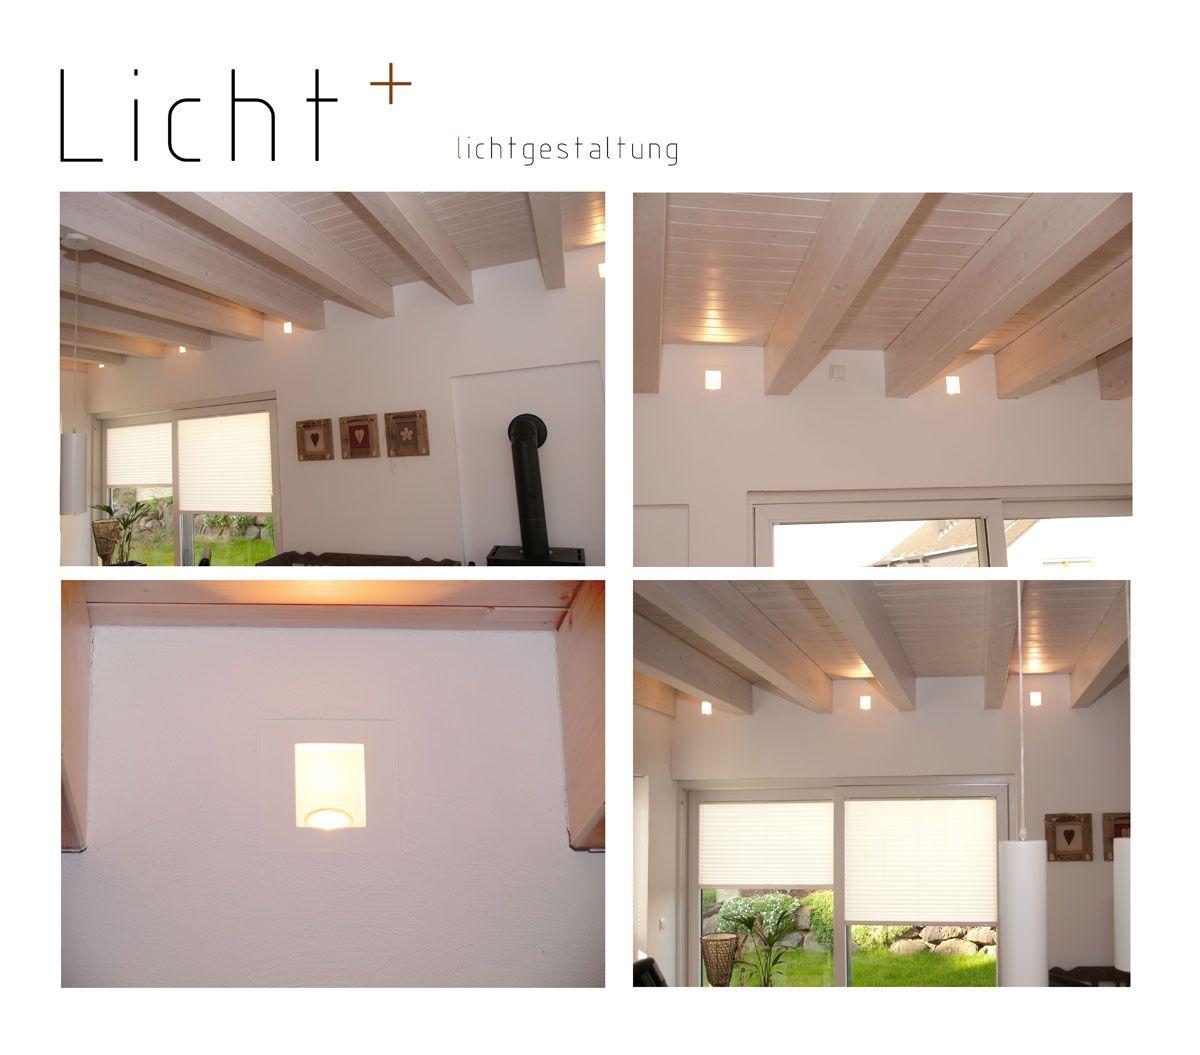 licht beleuchtung i galerie licht pinterest beleuchtung lichtlein und wohnzimmer. Black Bedroom Furniture Sets. Home Design Ideas